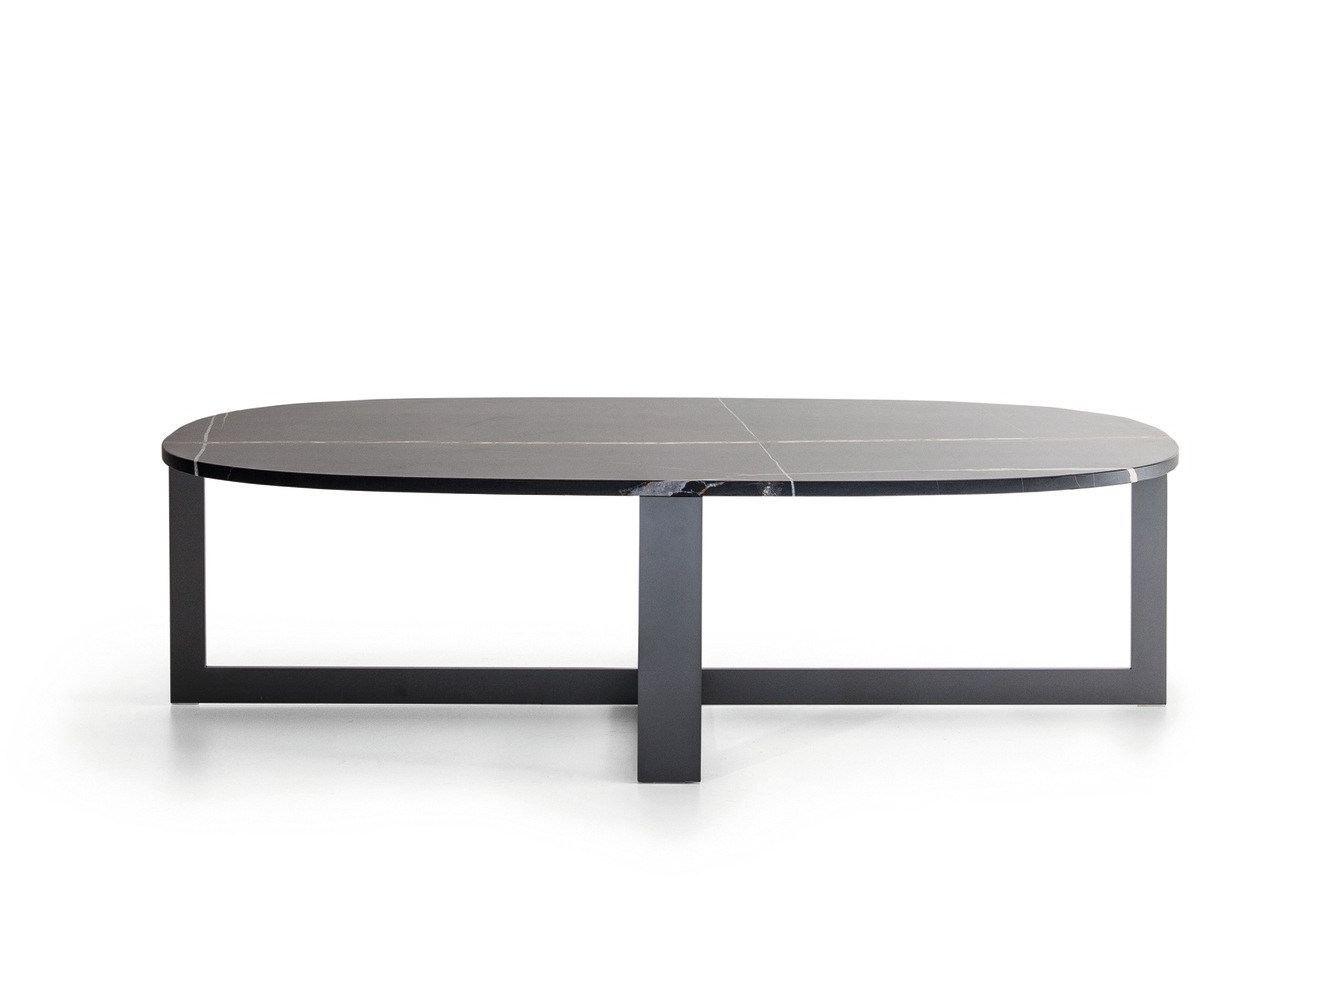 Domino Next Coffee Table By Molteni Amp C Design Nicola